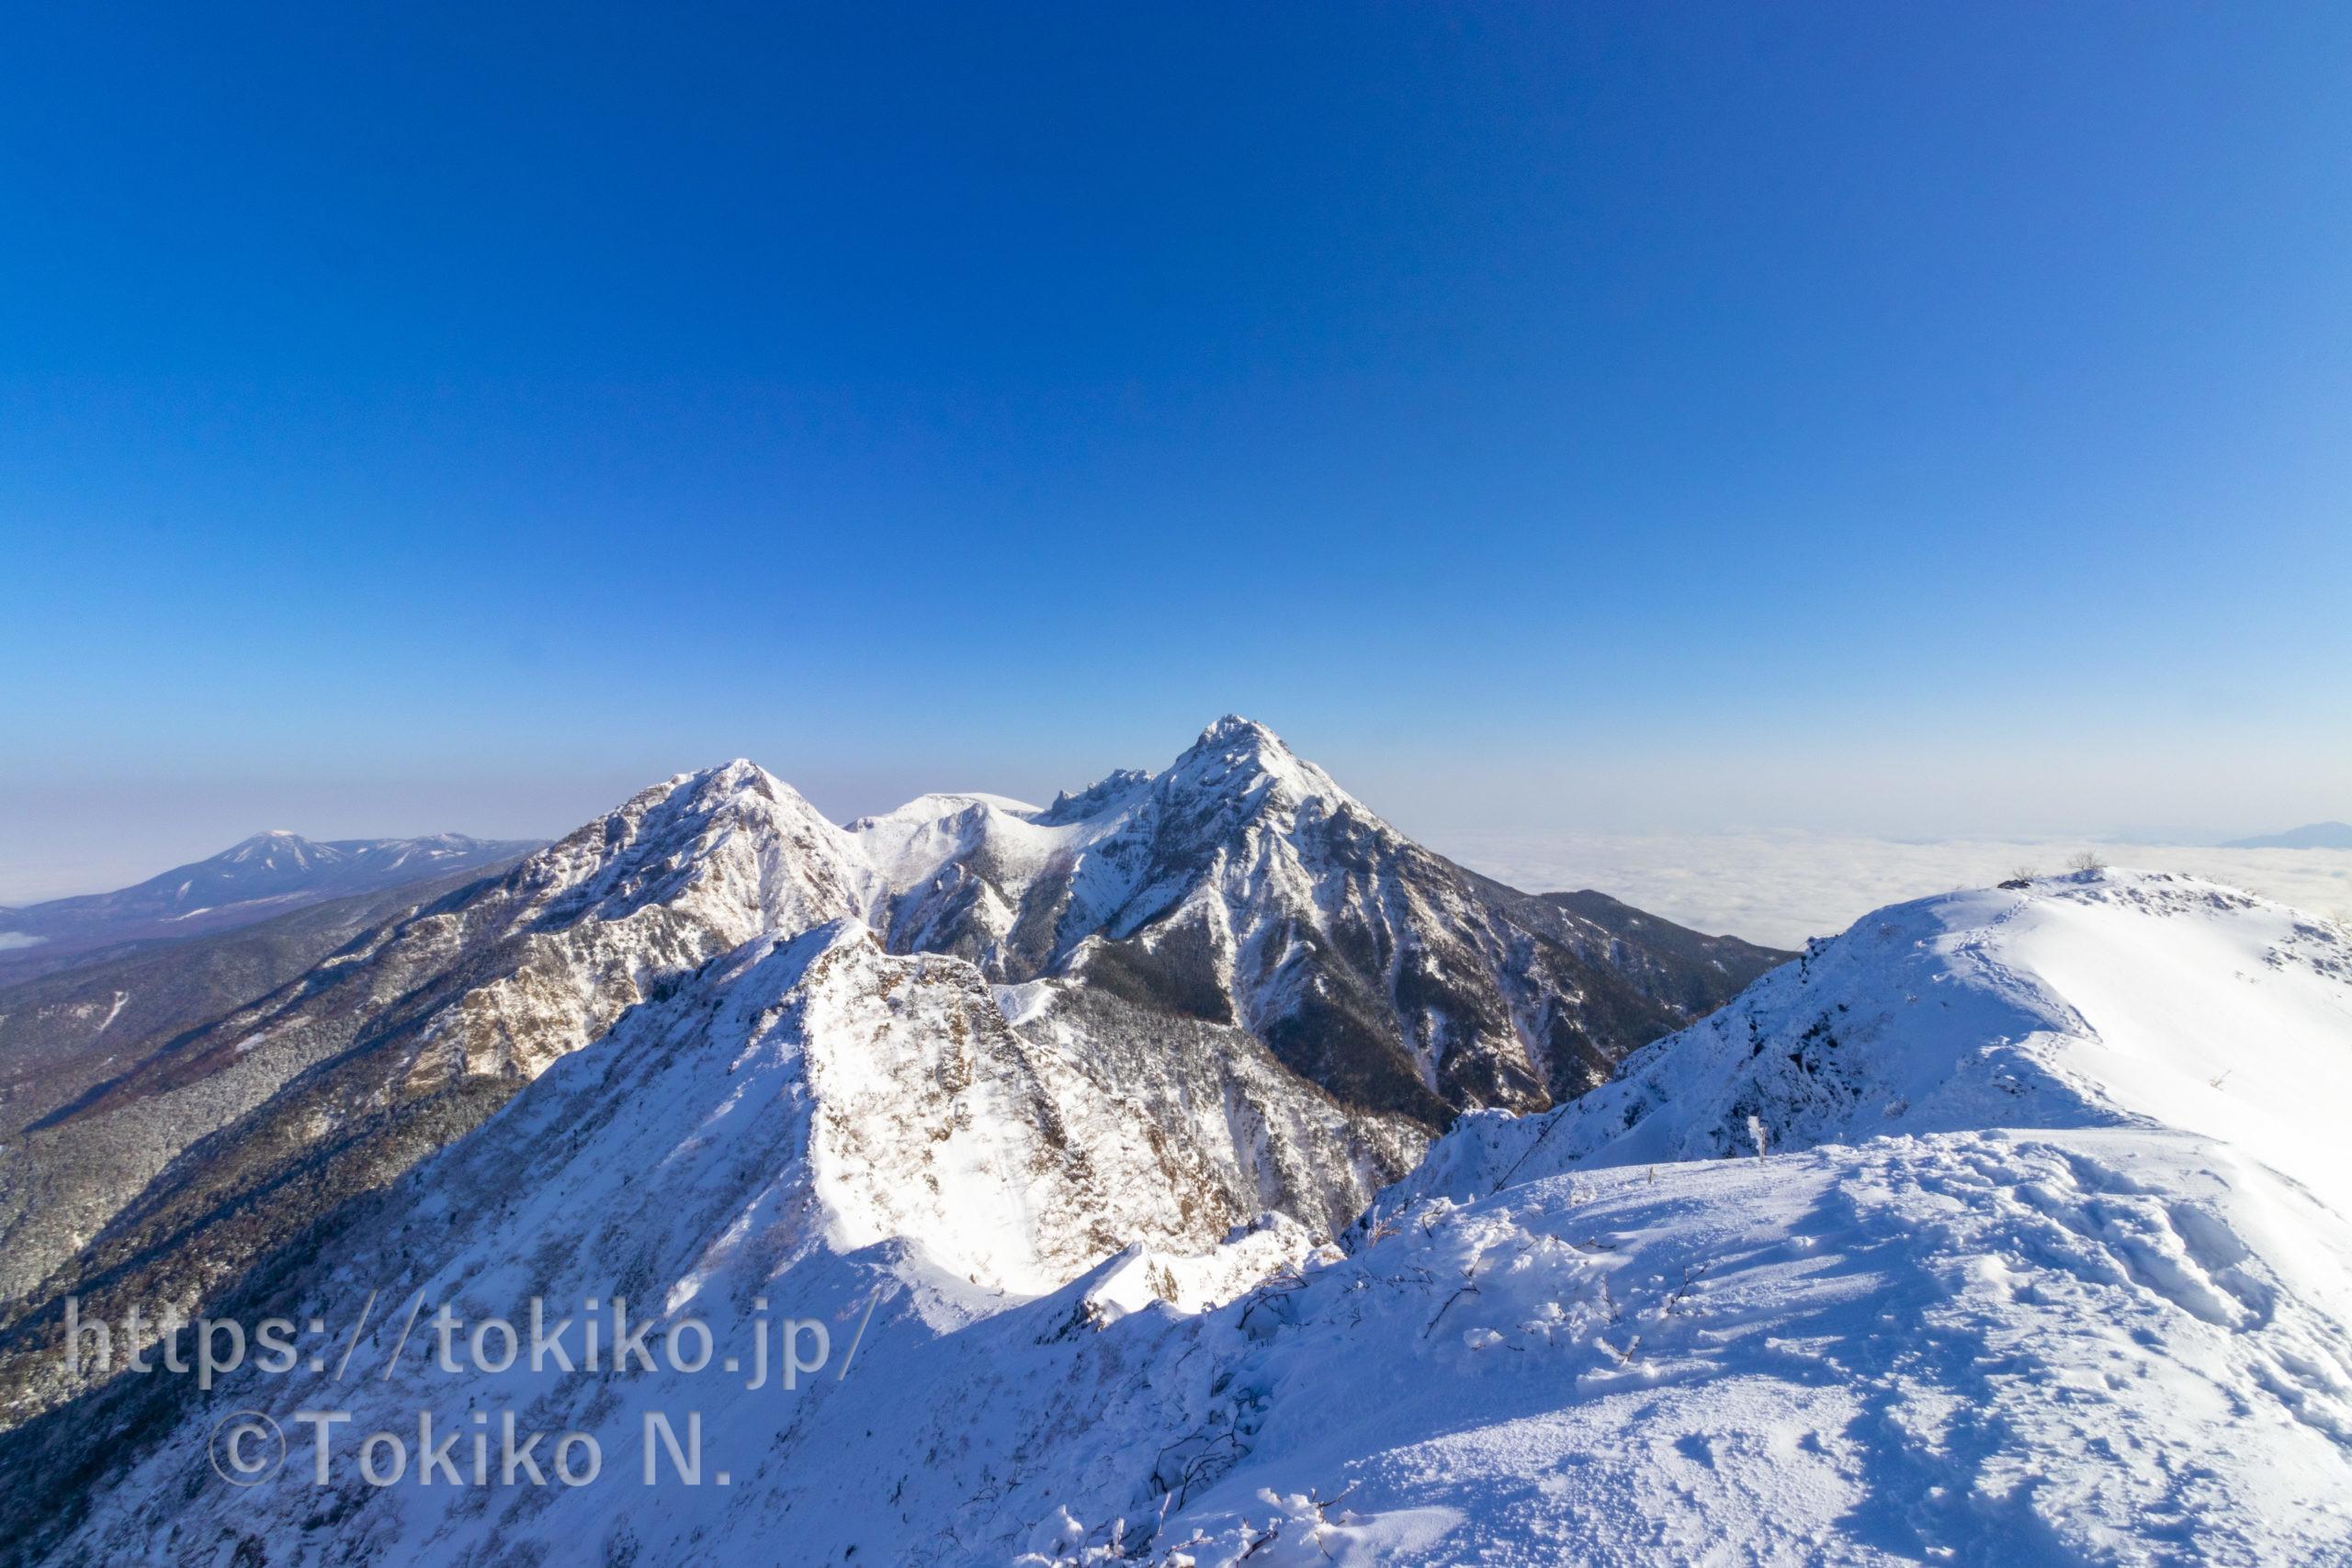 八ヶ岳(権現岳)|天女山入口からピストン